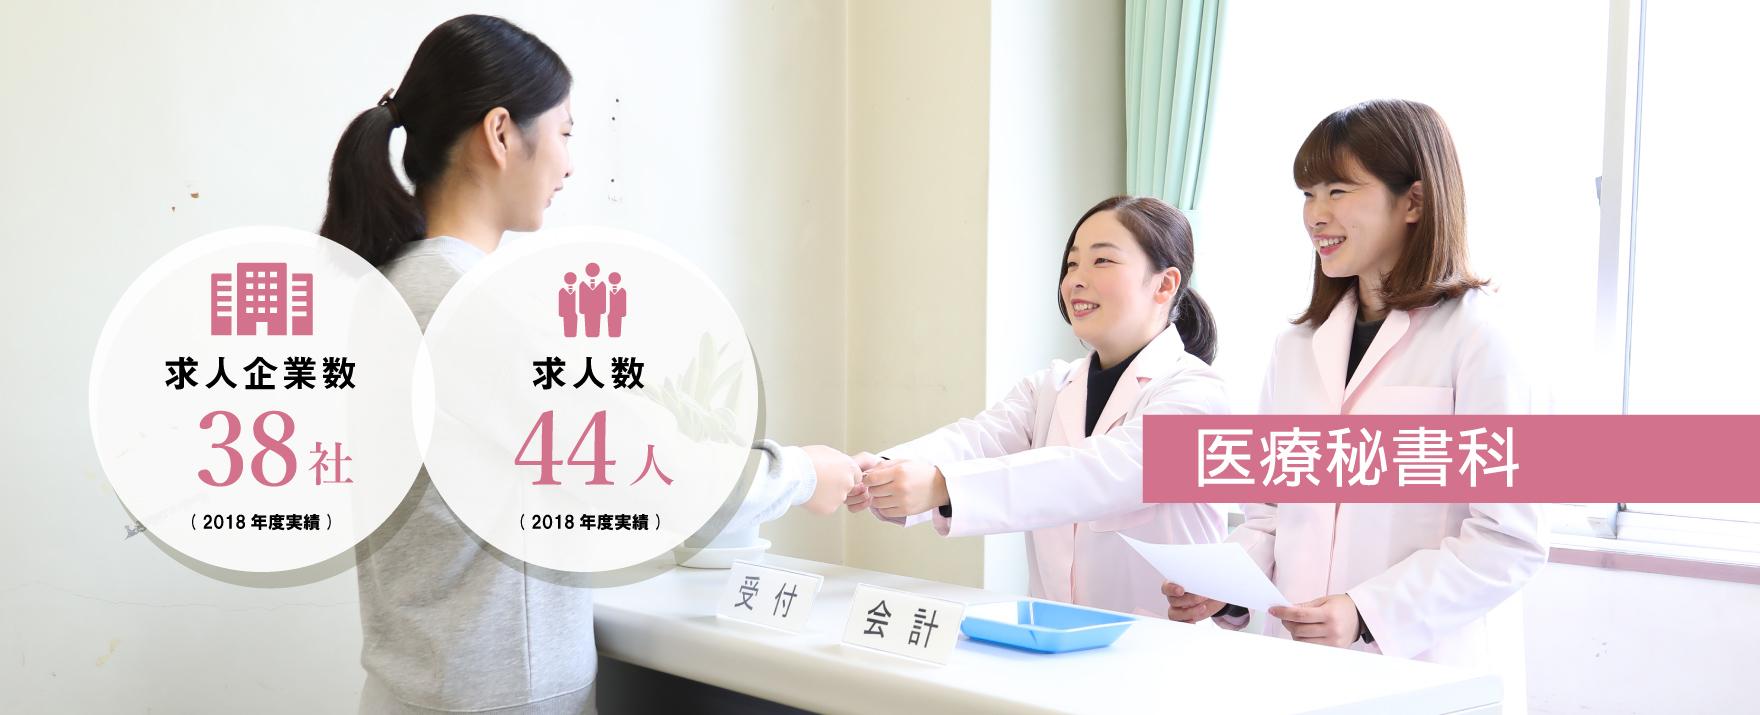 医療秘書科では、1年間で医療秘書(医療事務)を目指す!